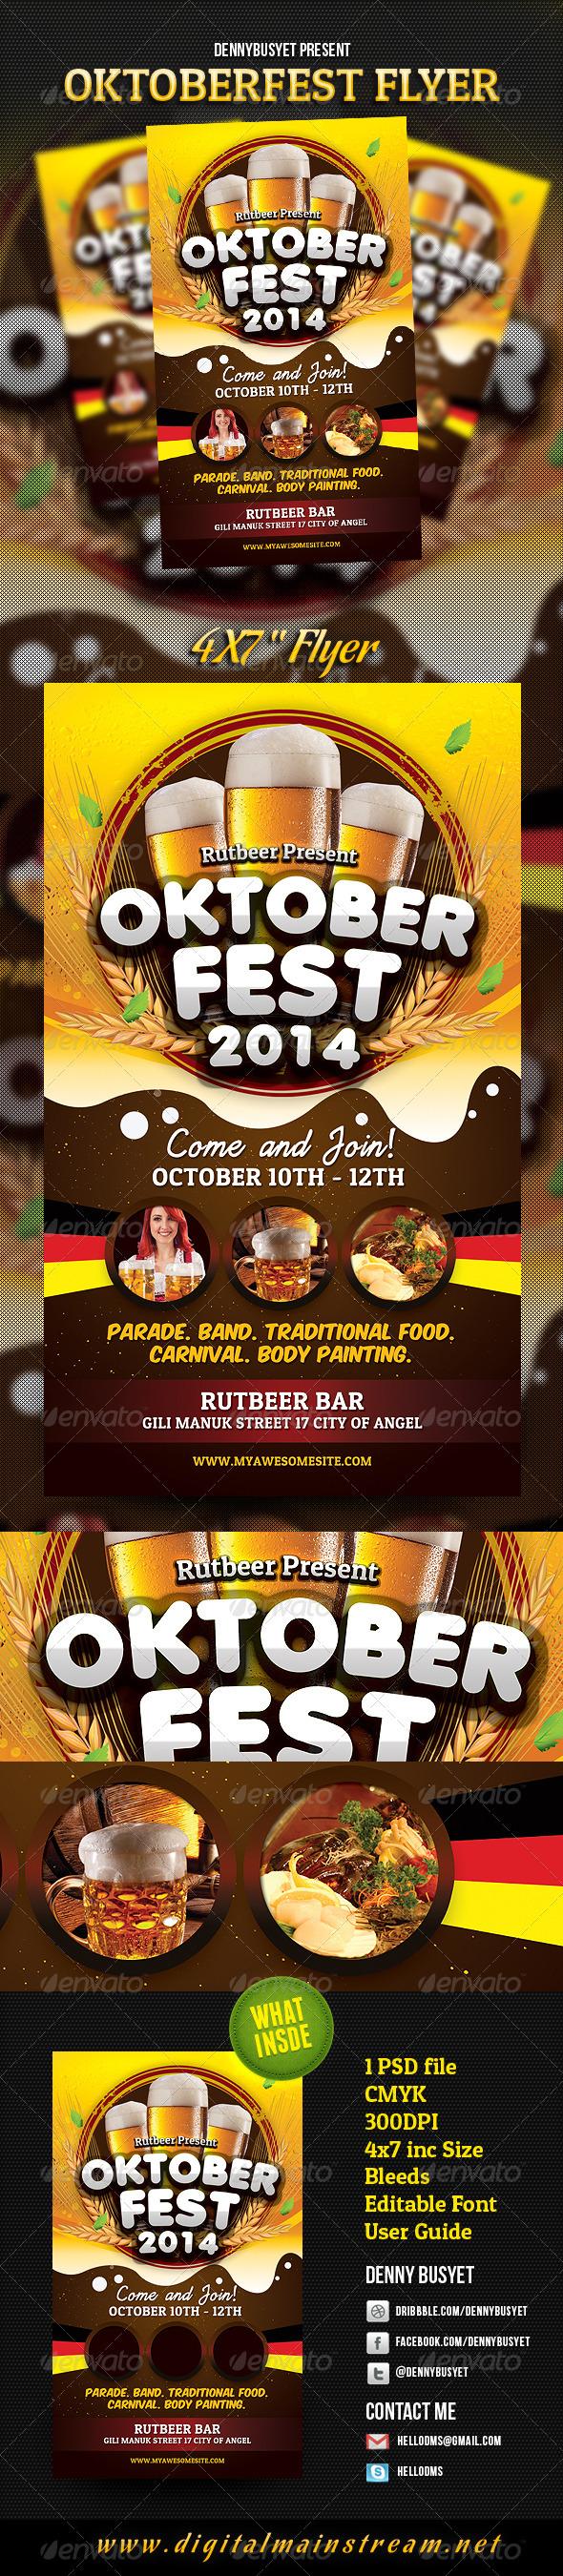 Oktoberfest Flyer Template - Events Flyers